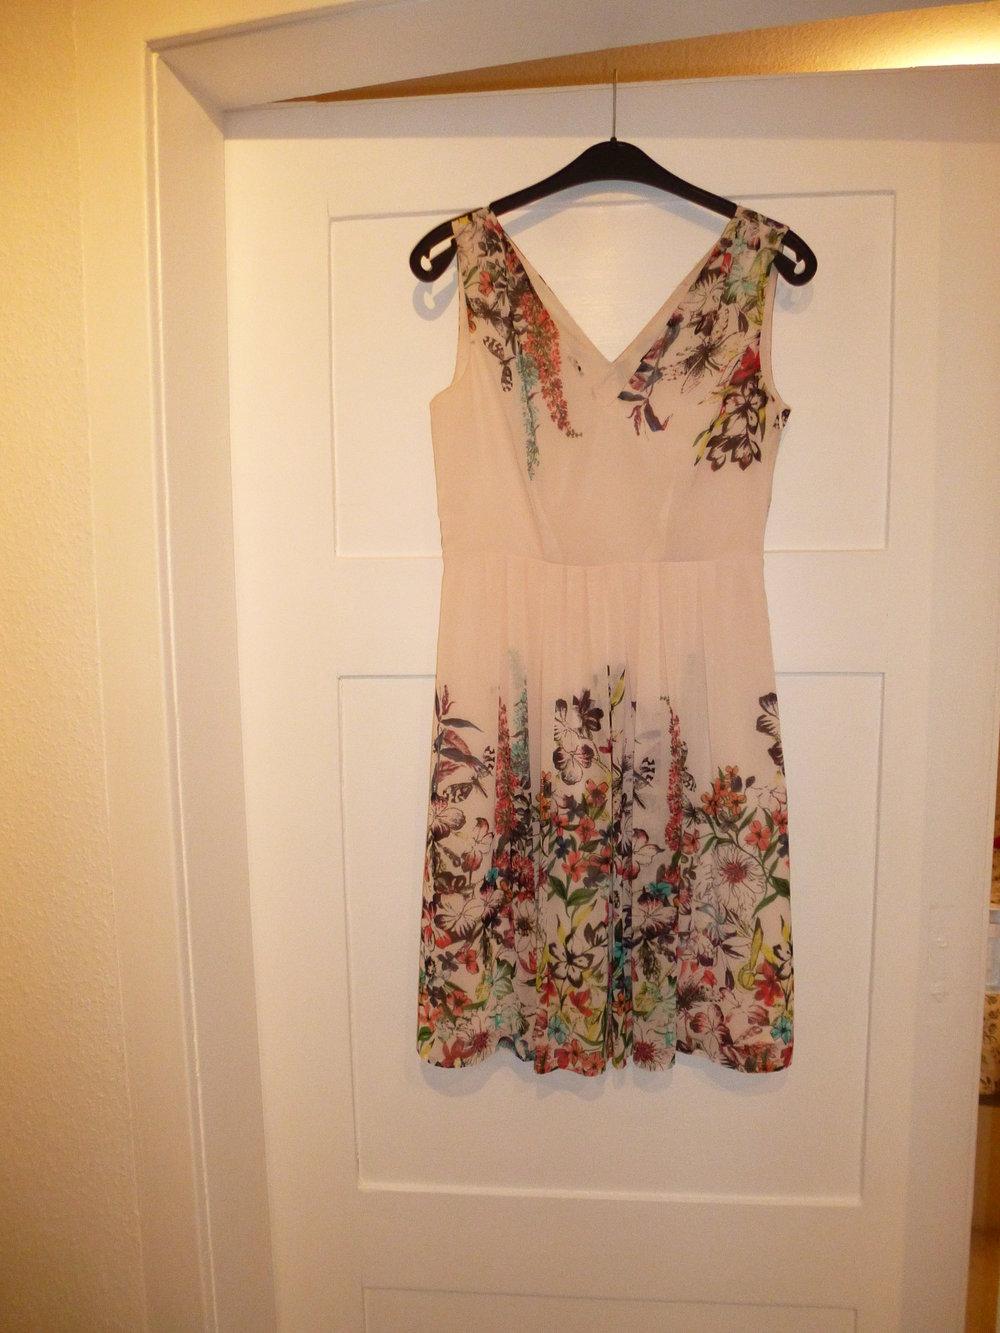 Esprit Kleid Sommer Cocktailkleid Mit Blumen Kleiderkorb De